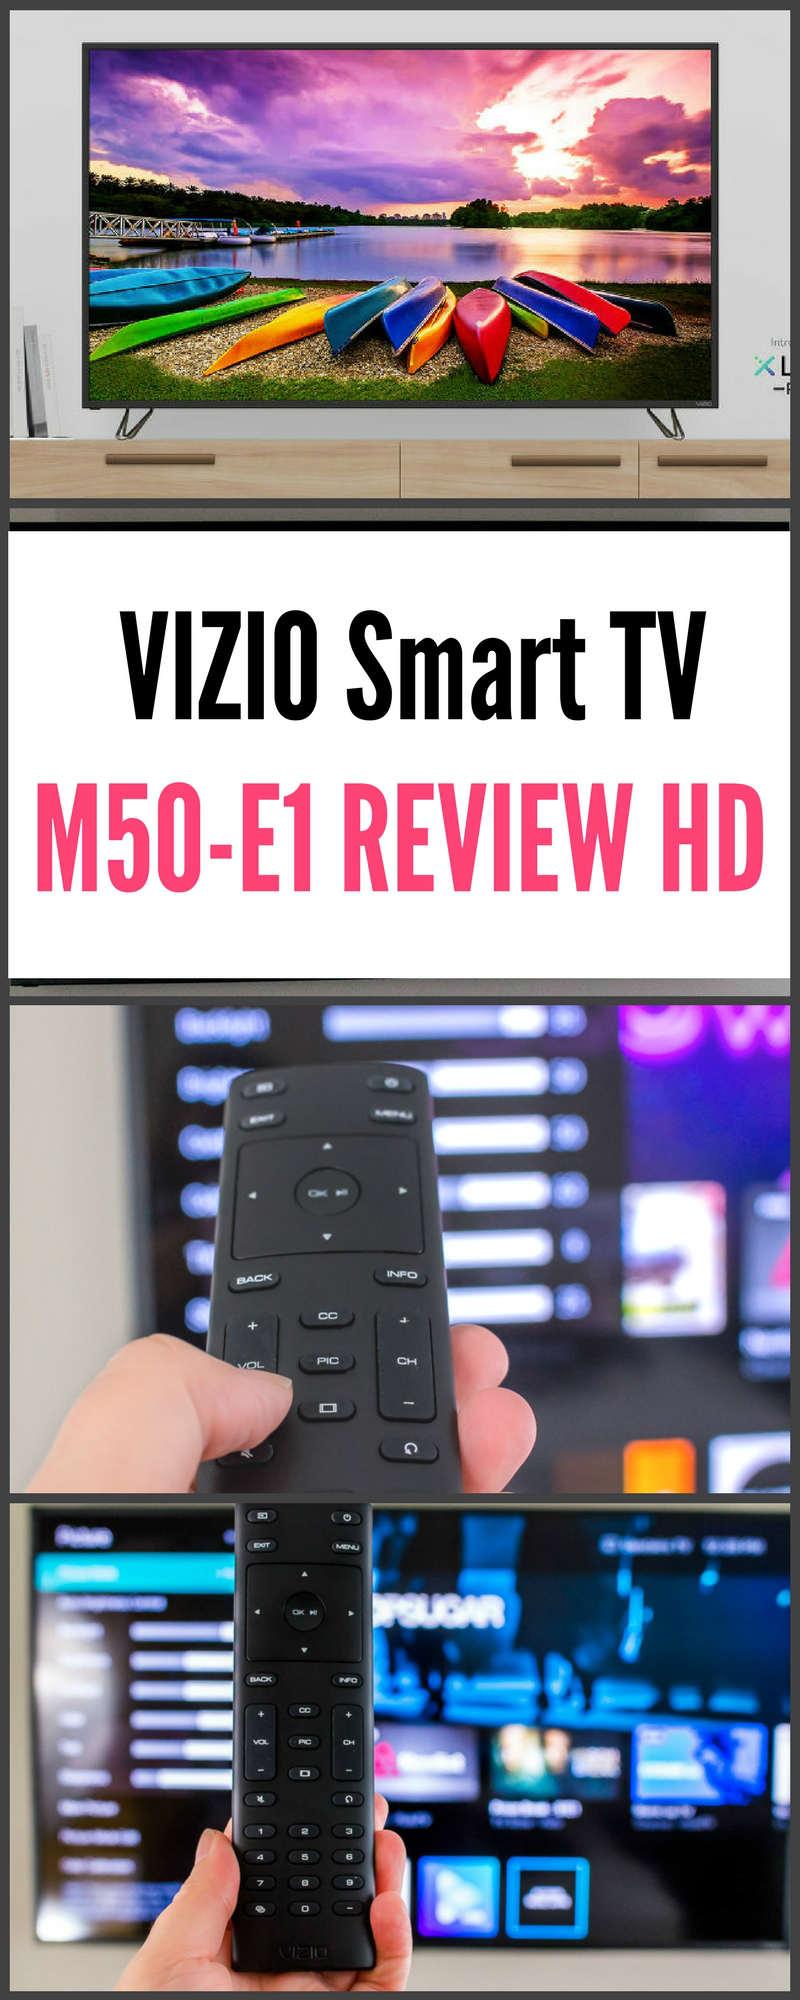 VIZIO Smart TV VIZIO M50-E1 Review 4K HD